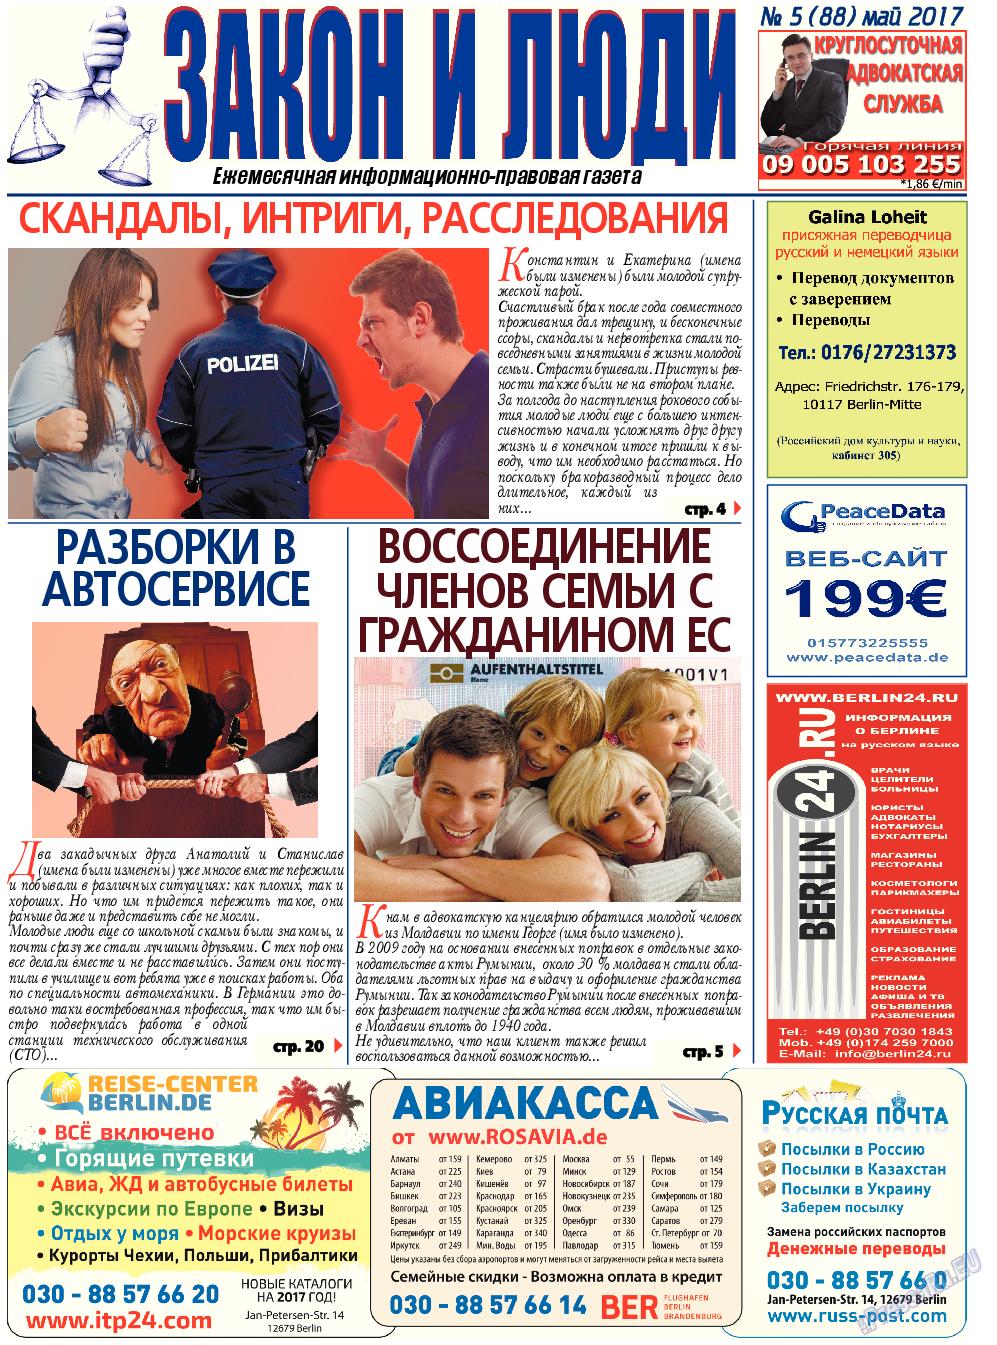 Закон и люди (газета). 2017 год, номер 5, стр. 1